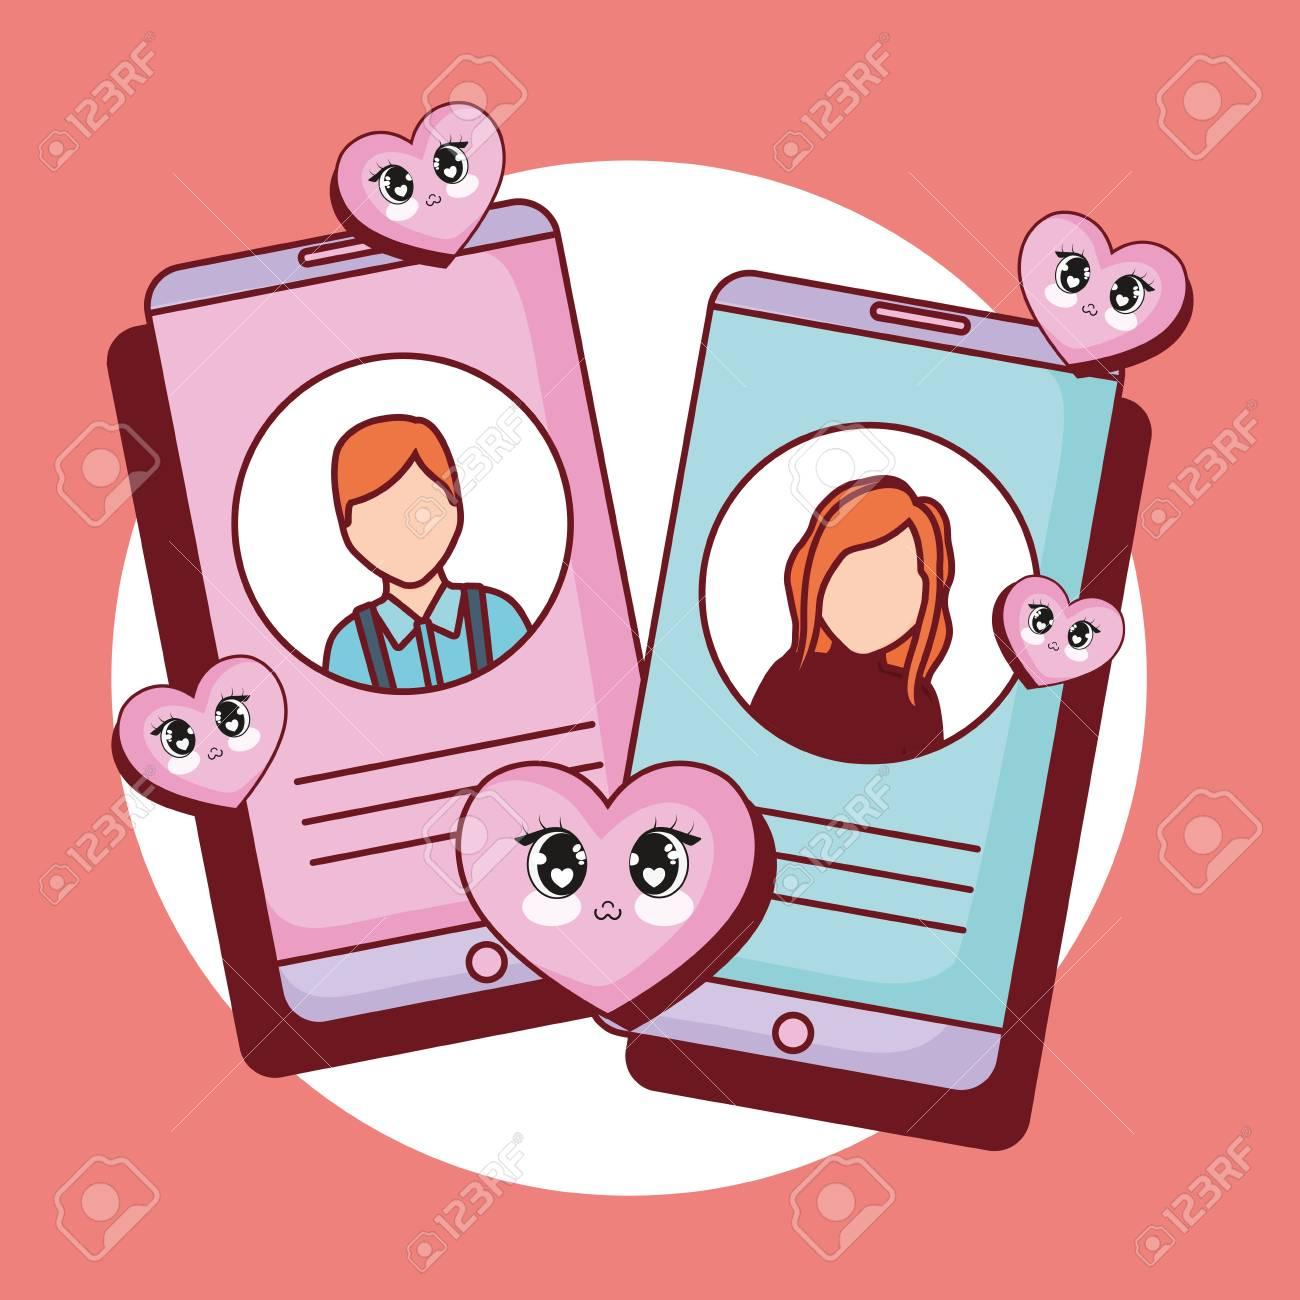 er imvu en dating hjemmeside dating market drayton